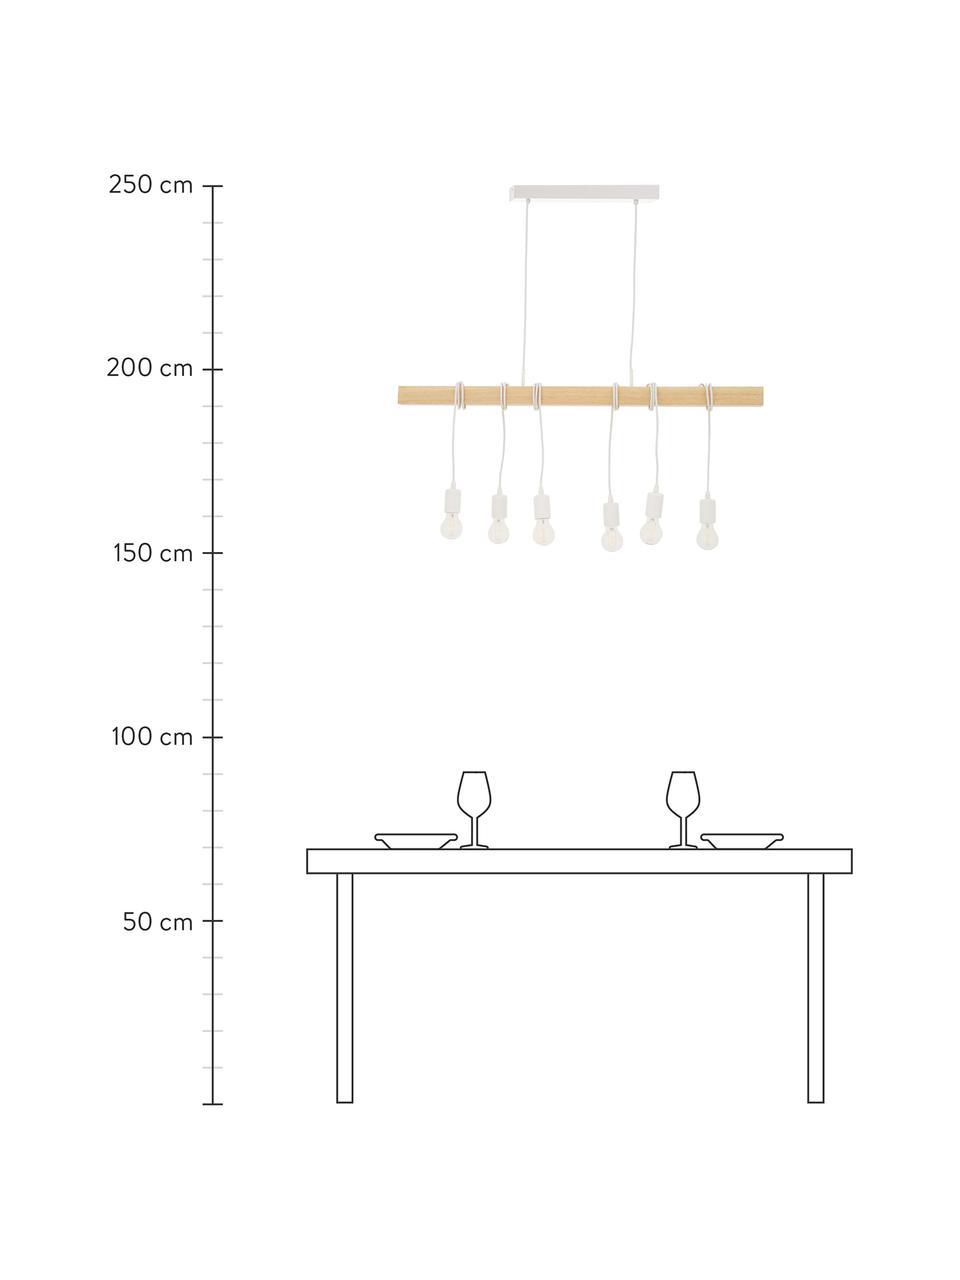 Lampa wisząca z drewna Townshend, Biały, drewno naturalne, S 100 x G 10 cm